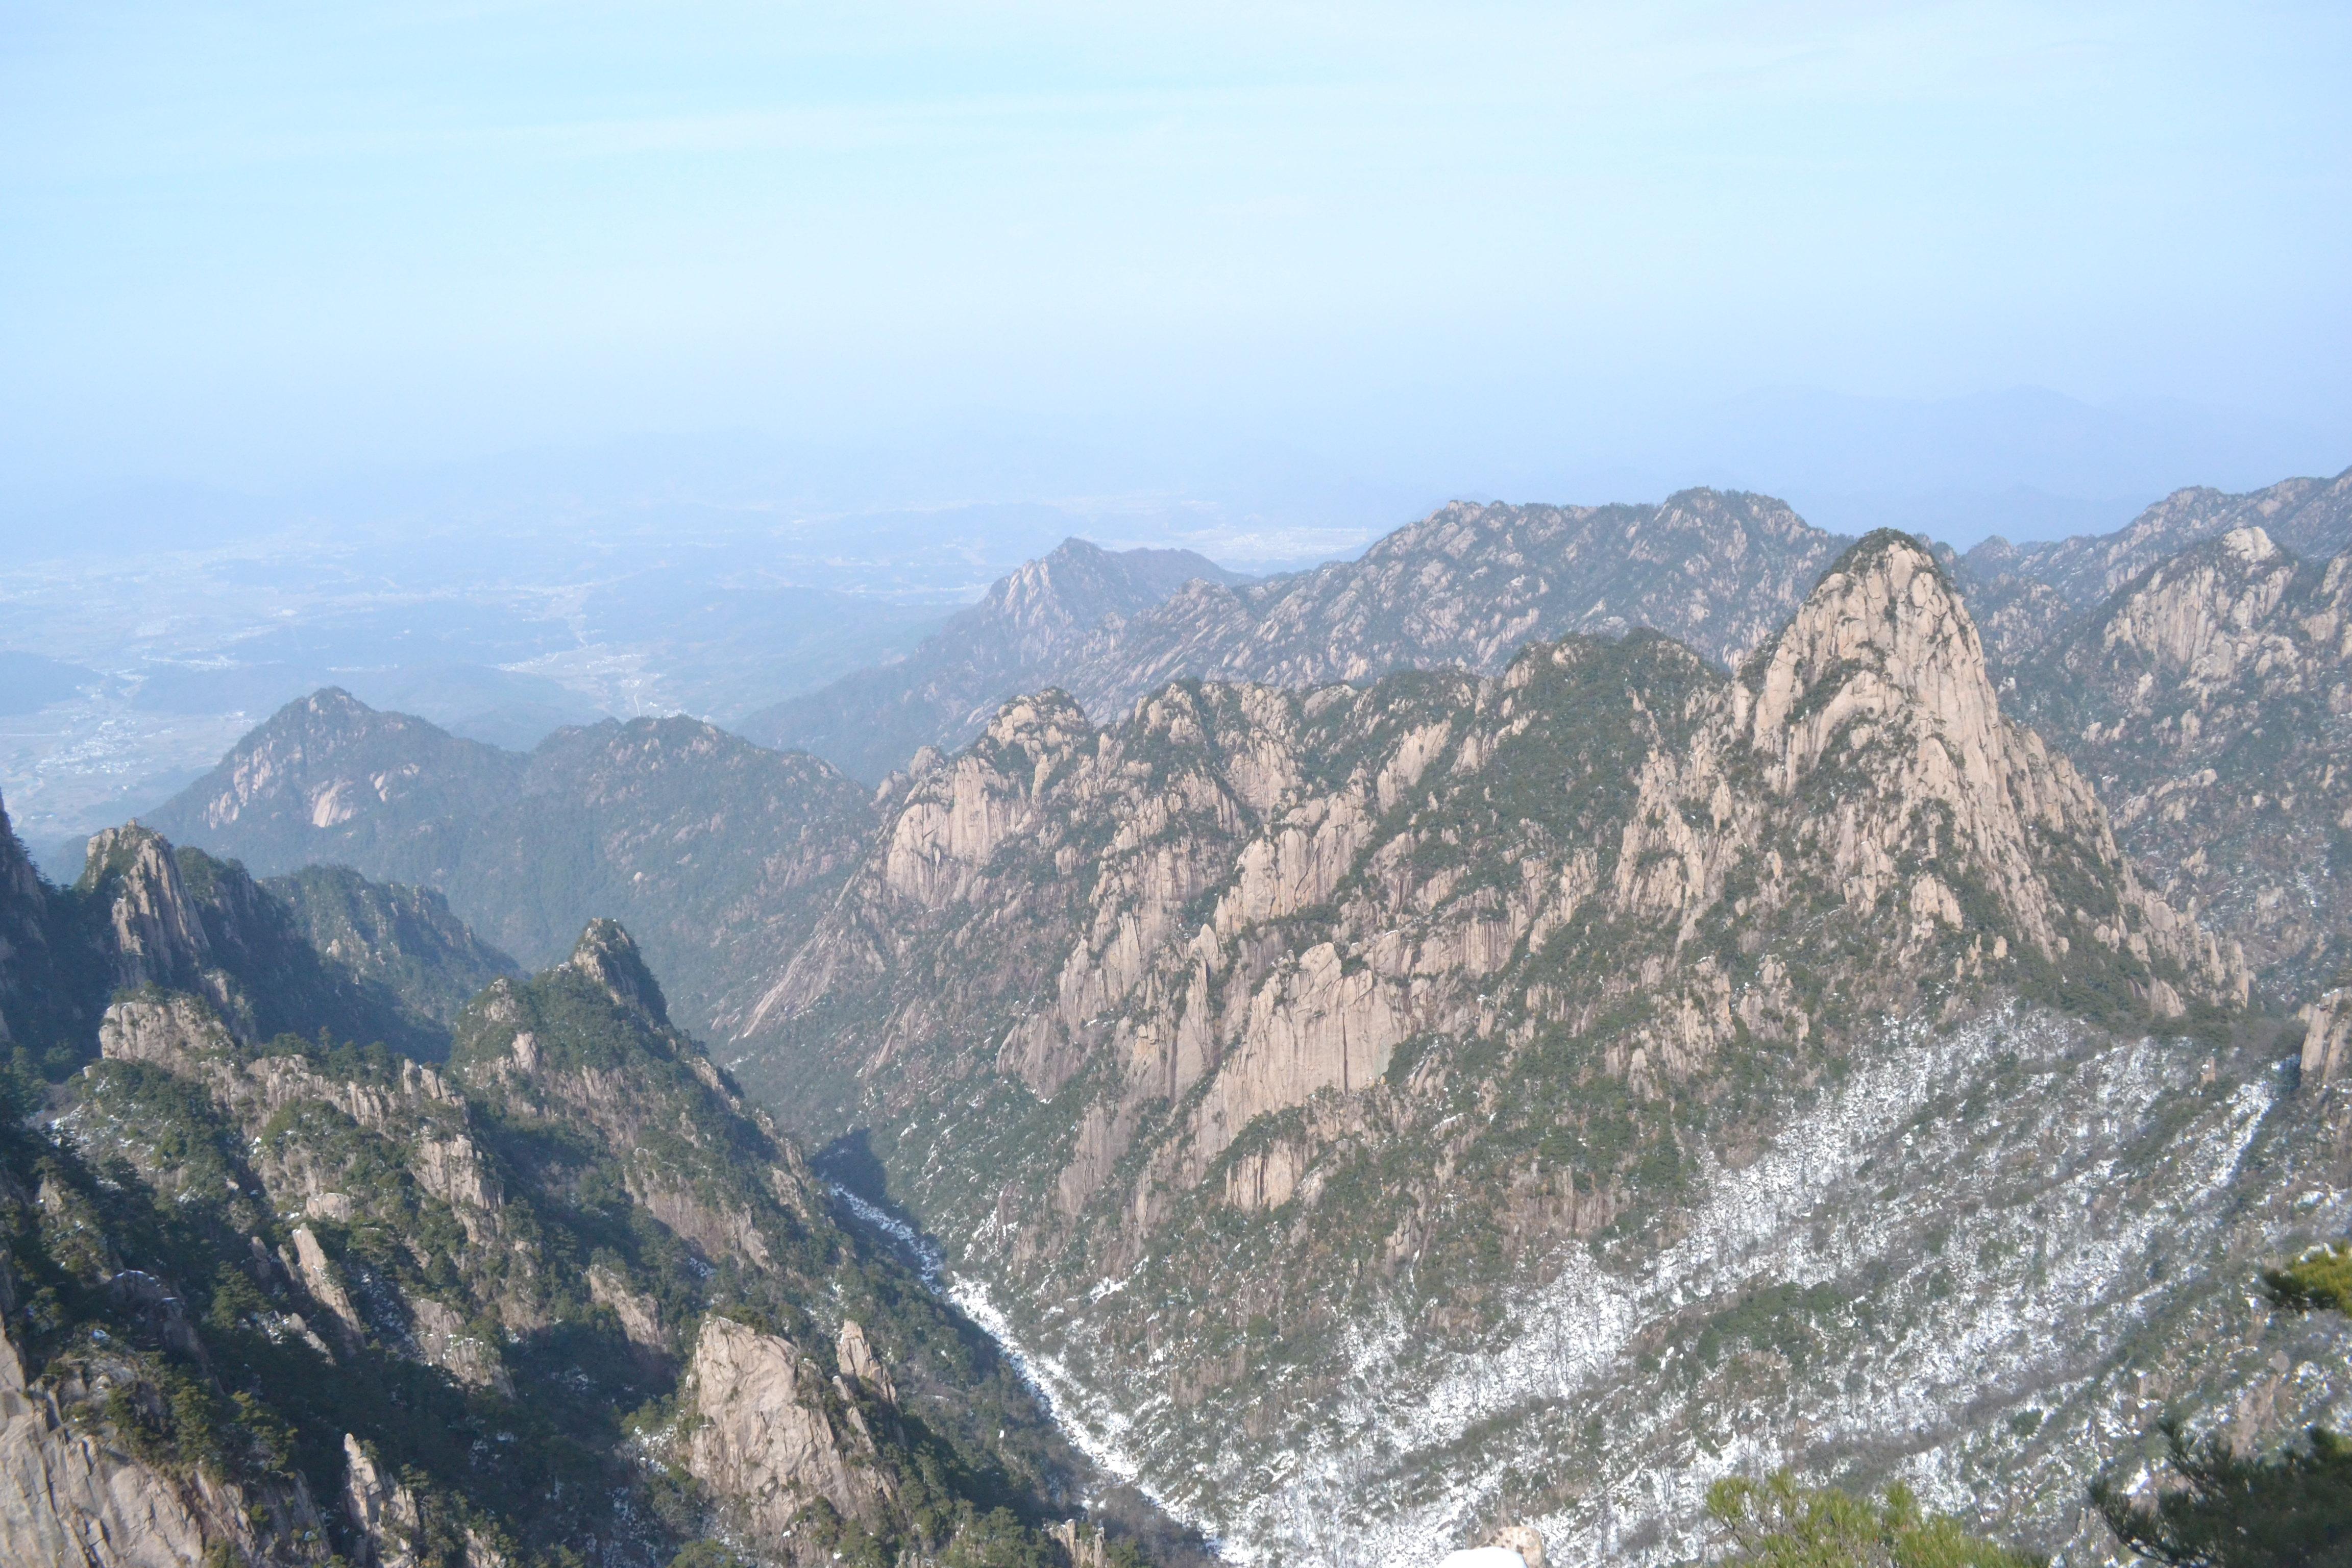 【携程攻略】黄山风景区黄山风景区景点,中国最美的山